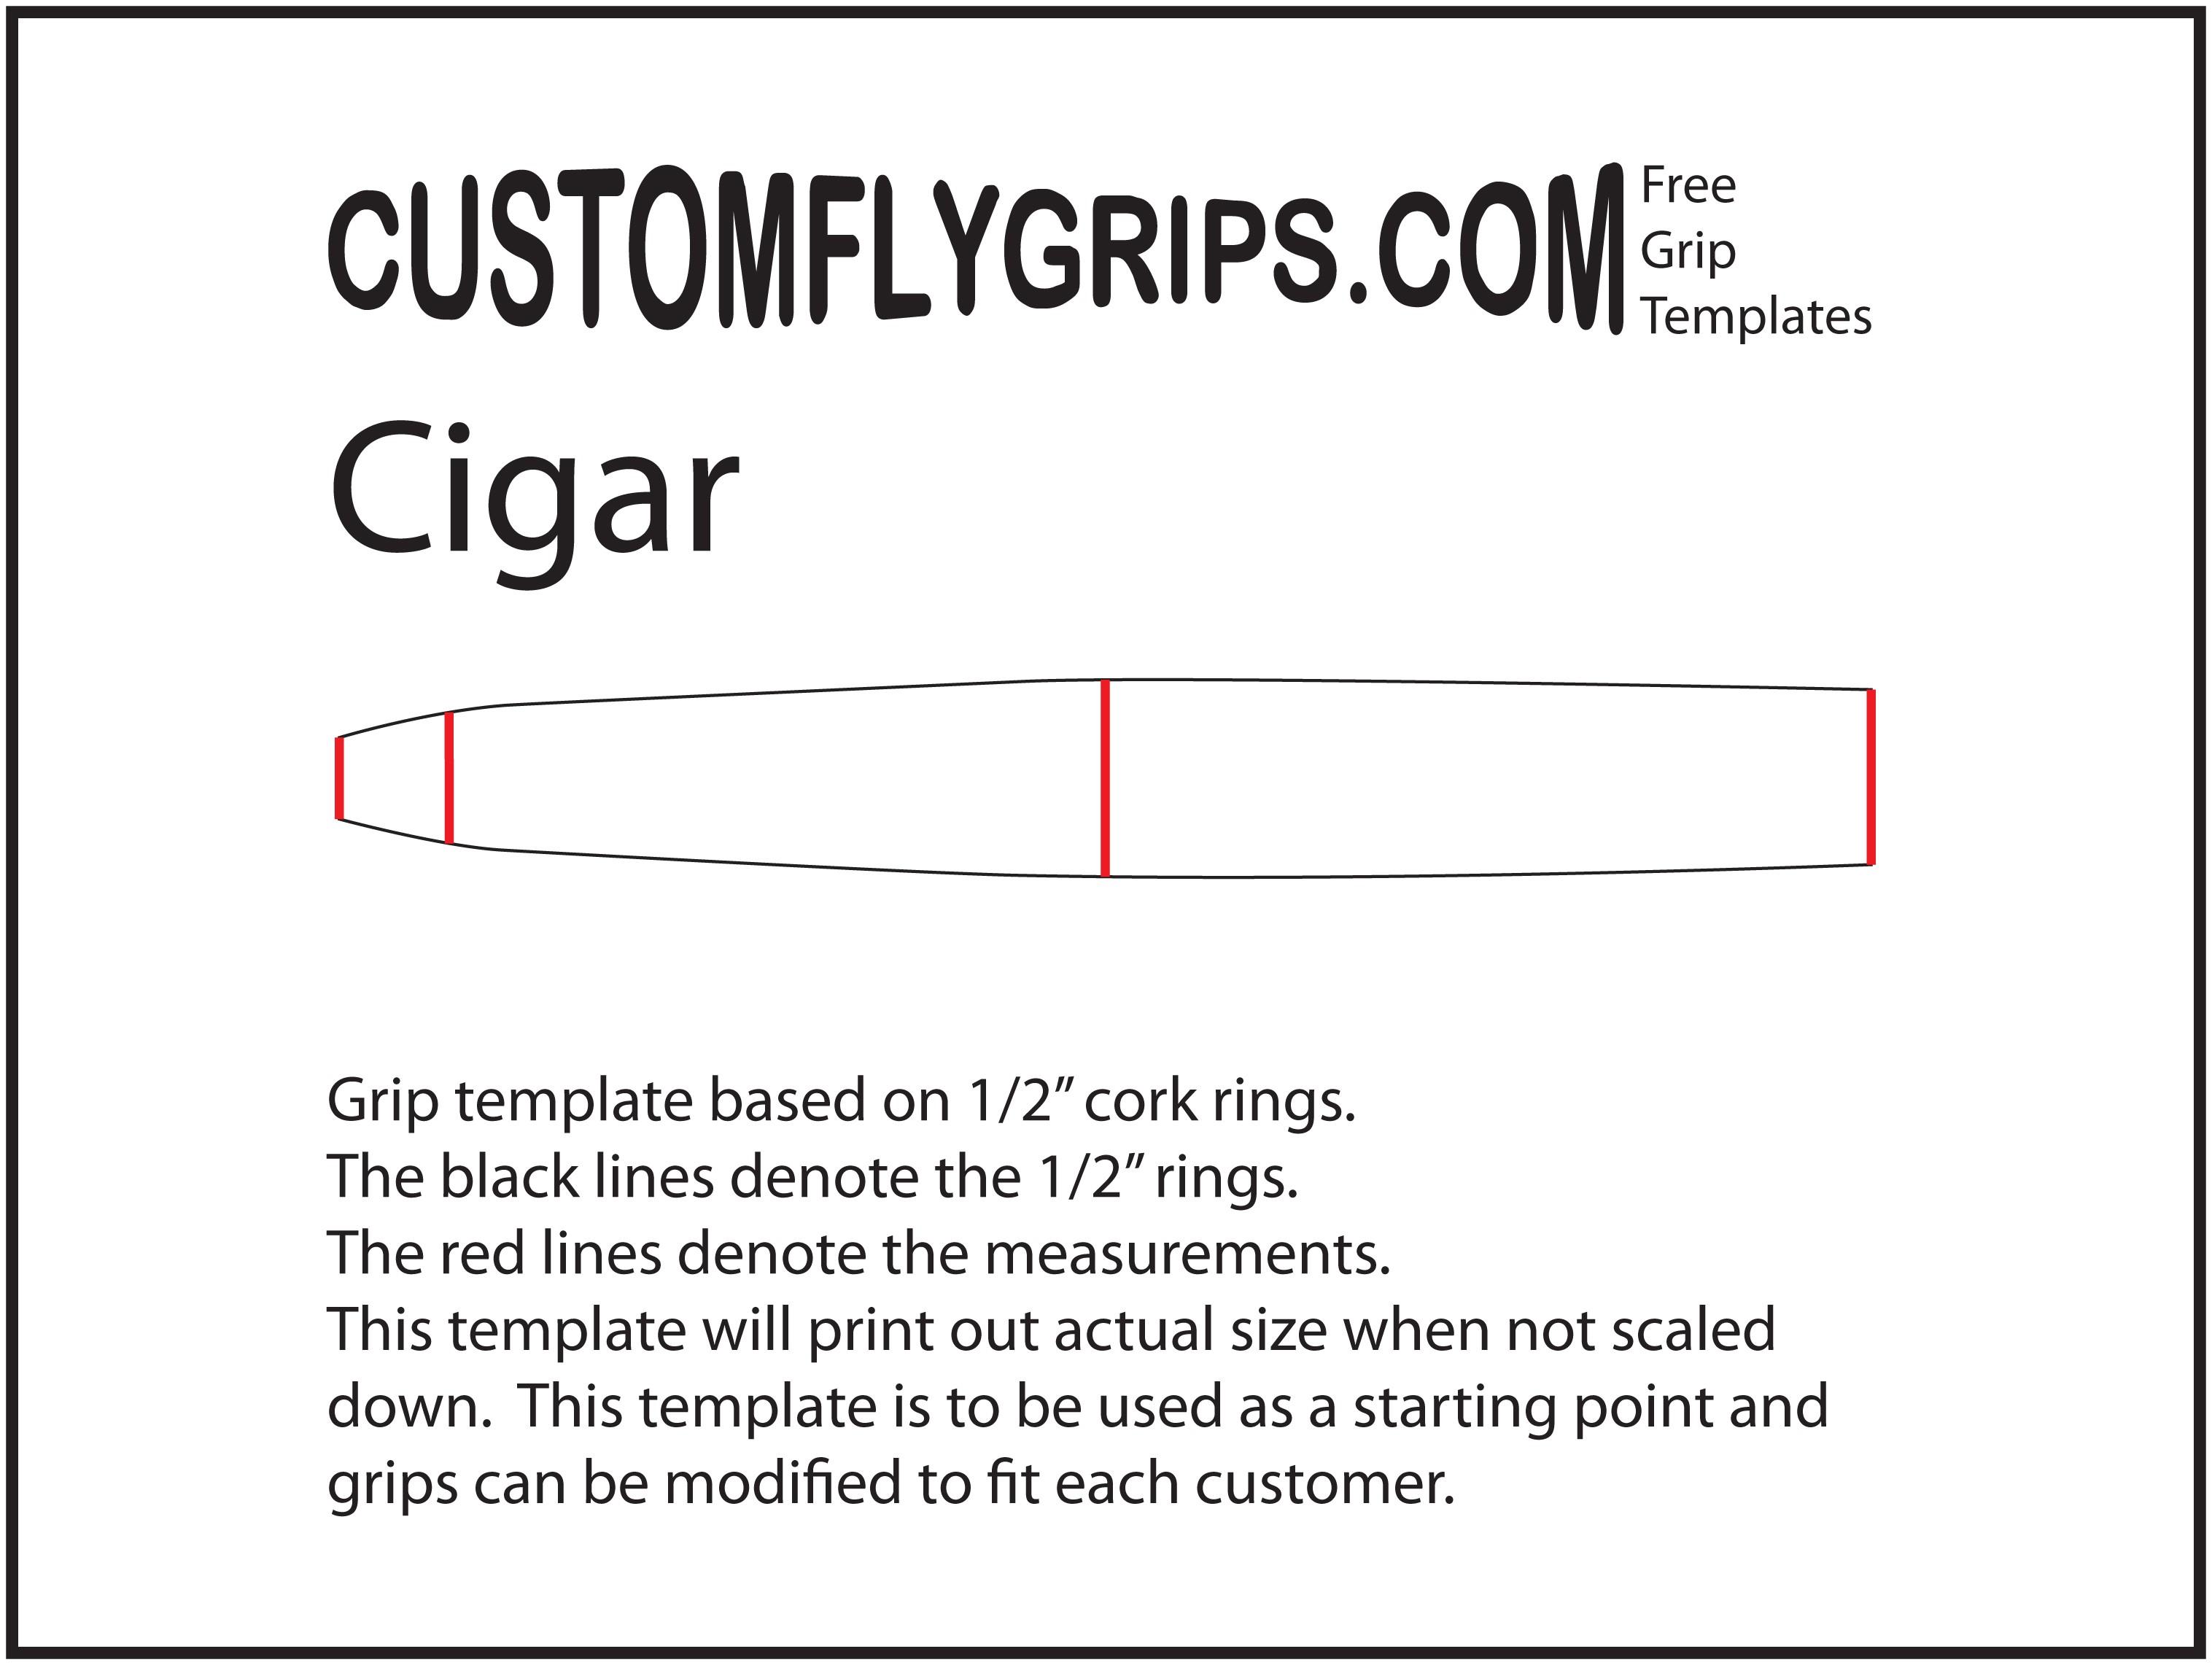 Plantilla de agarre libre de cigarro - Custom Fly Grips LLC